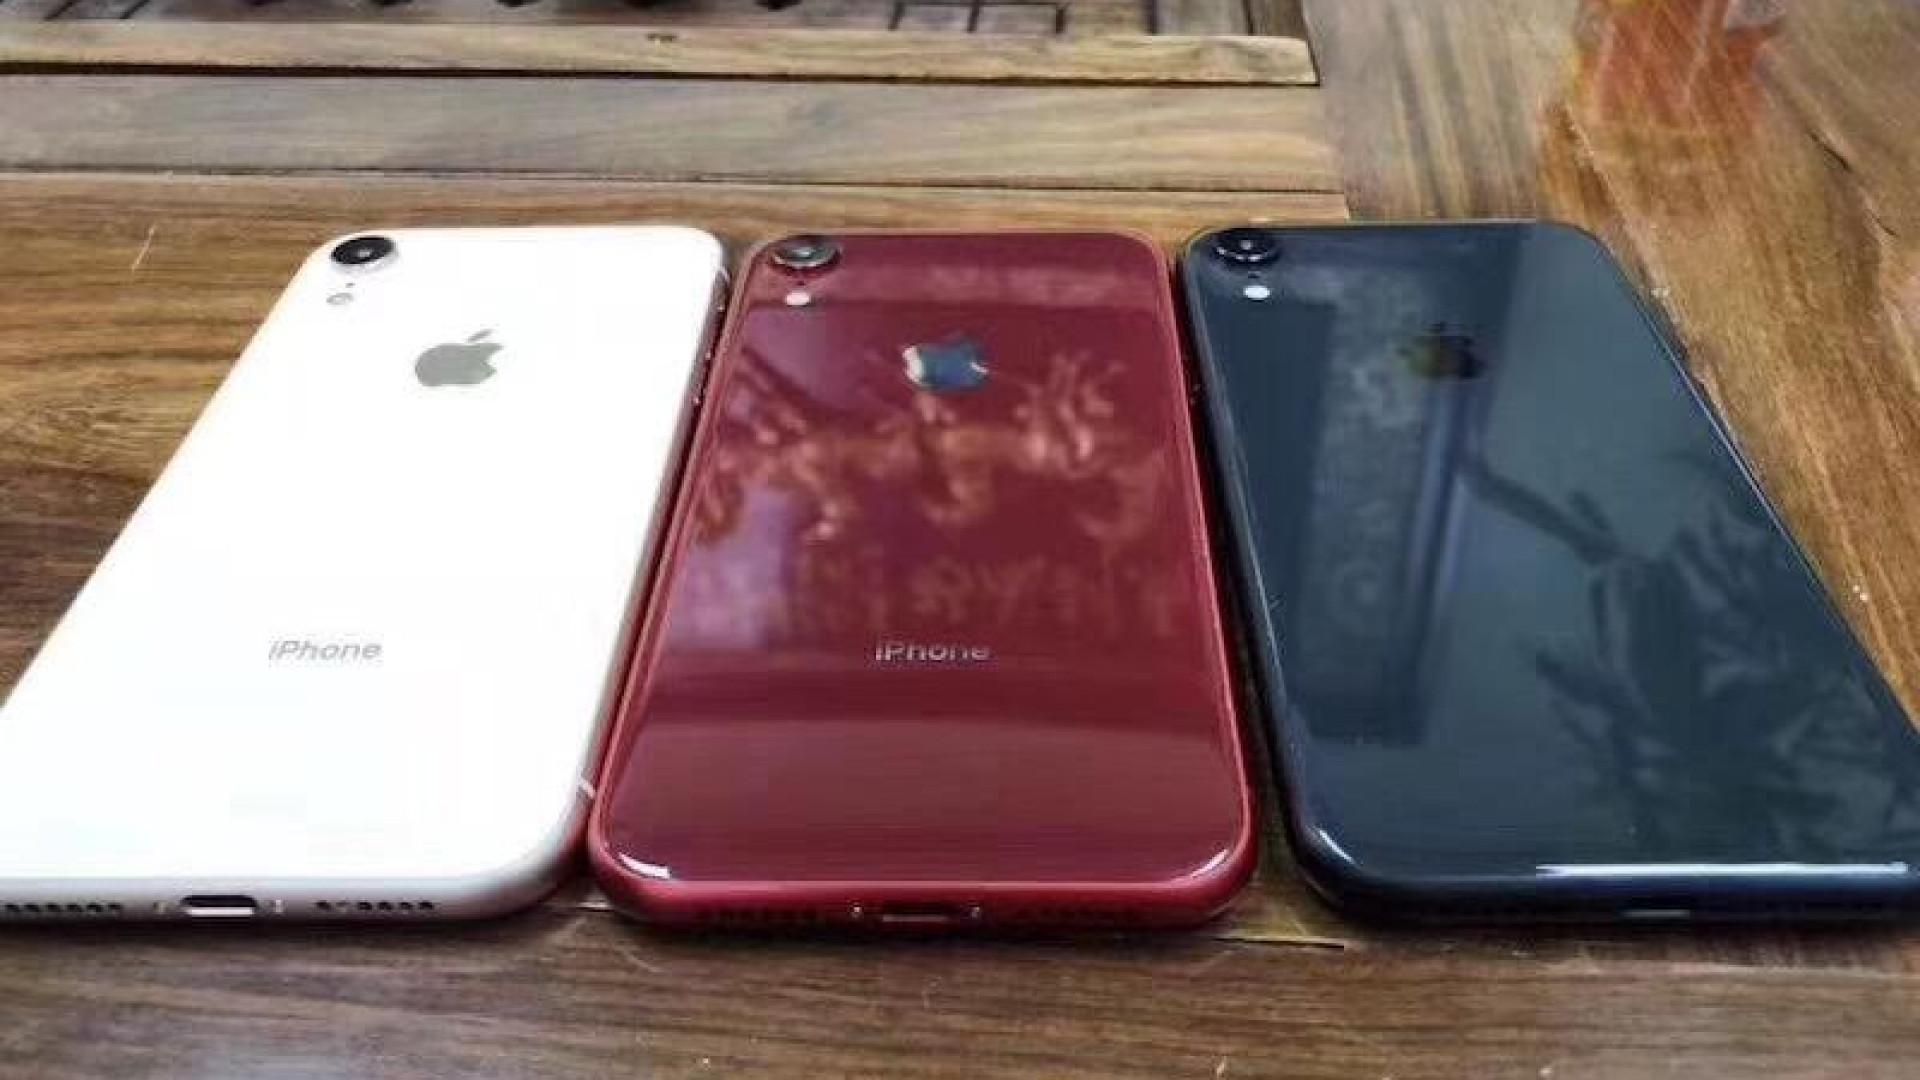 Rumores avançam com nomes e preços dos novos iPhones